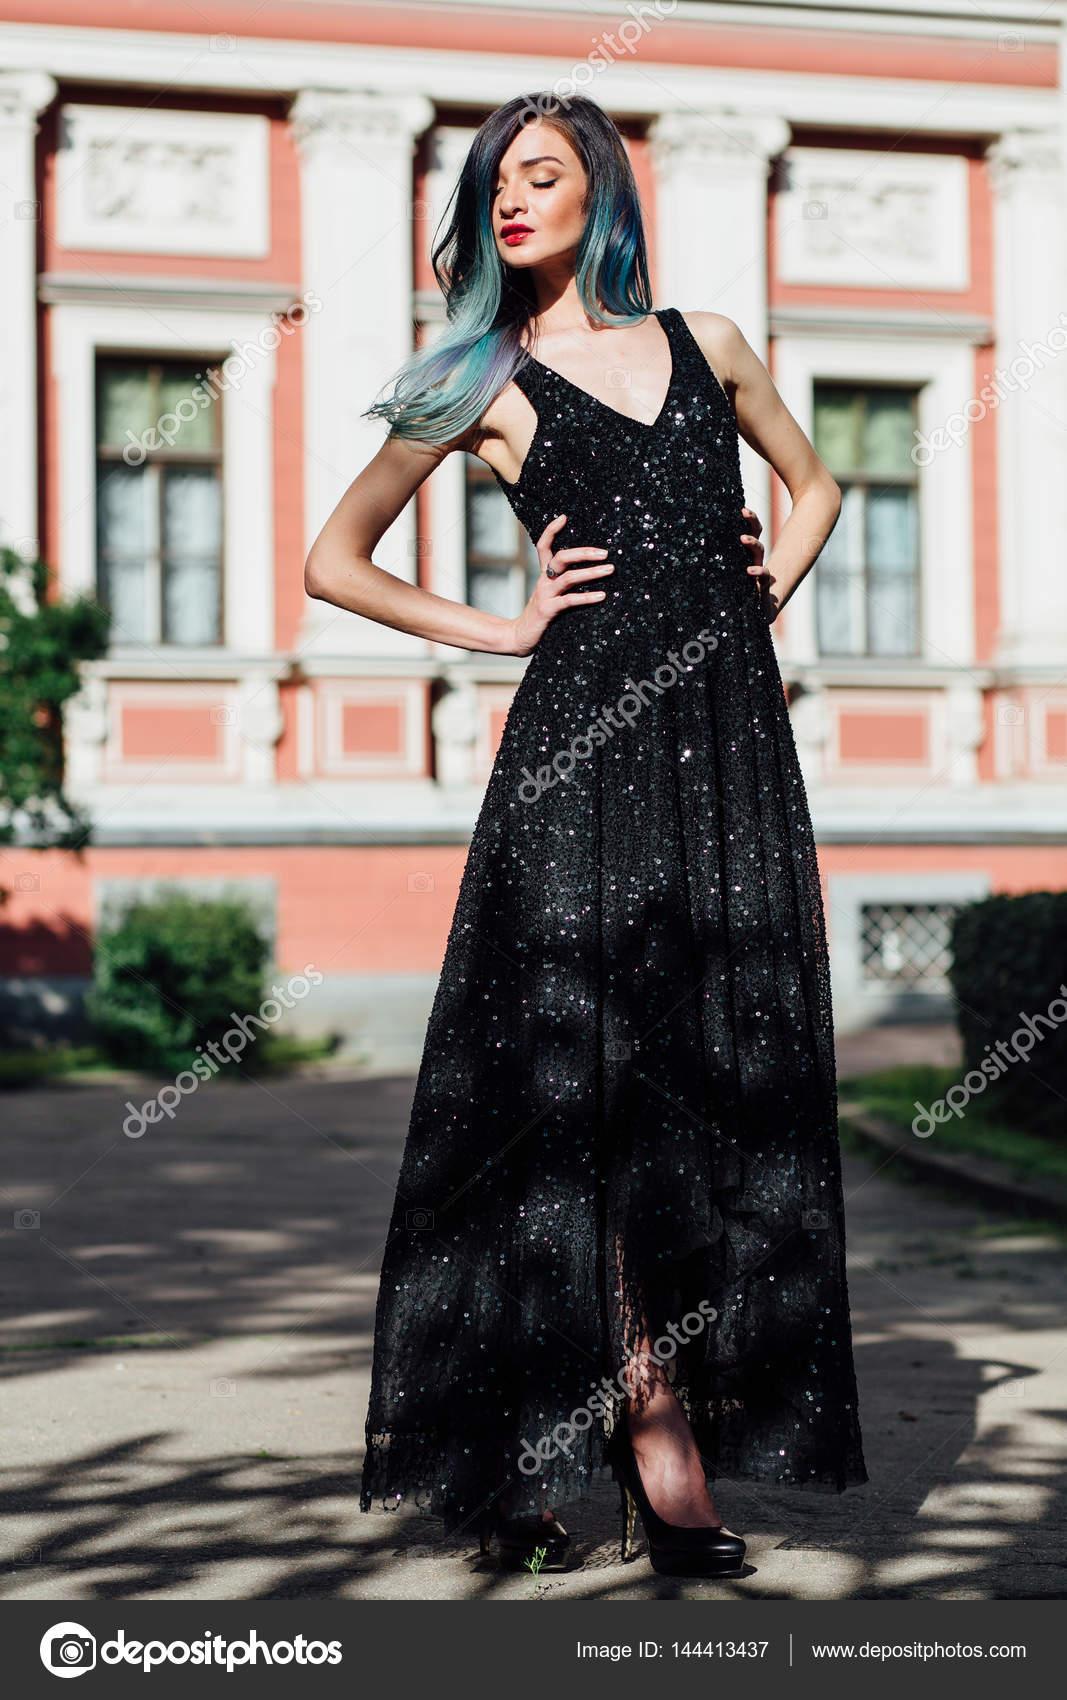 efbce034b850c49 Мода портрет великолепная девушка с голубой крашеные волосы длинные.  Красивое вечернее платье– Стоковое изображение